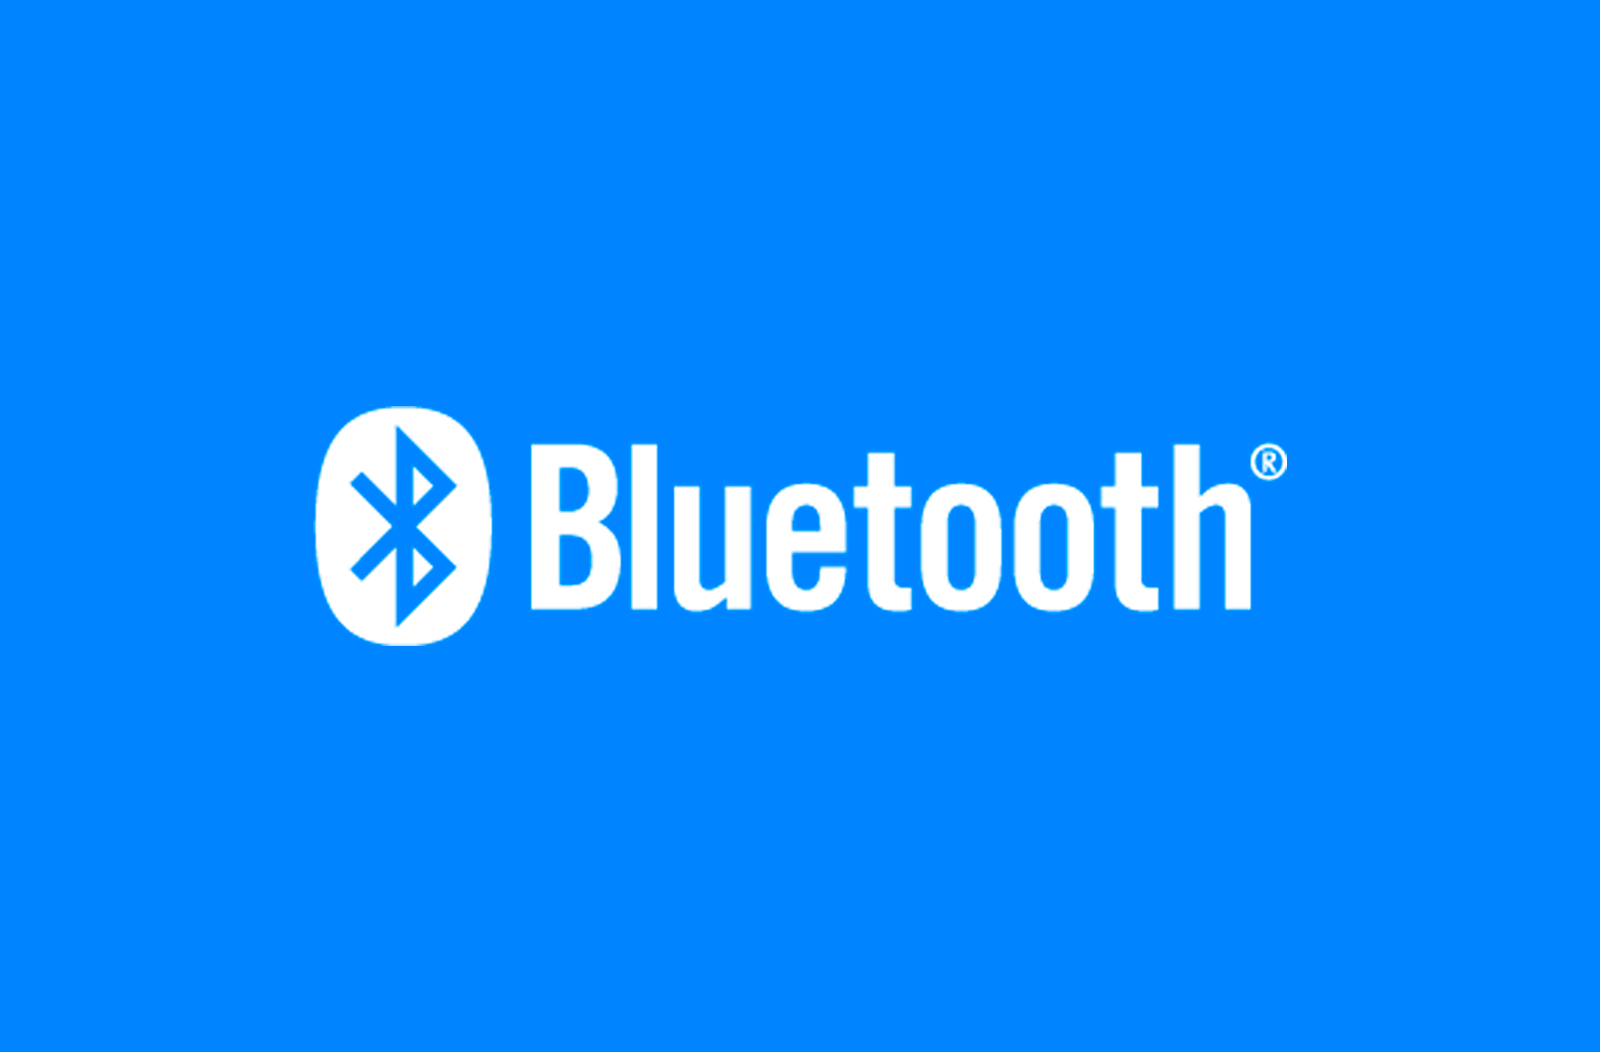 تنزيل برنامج bluetooth للكمبيوتر مجانا